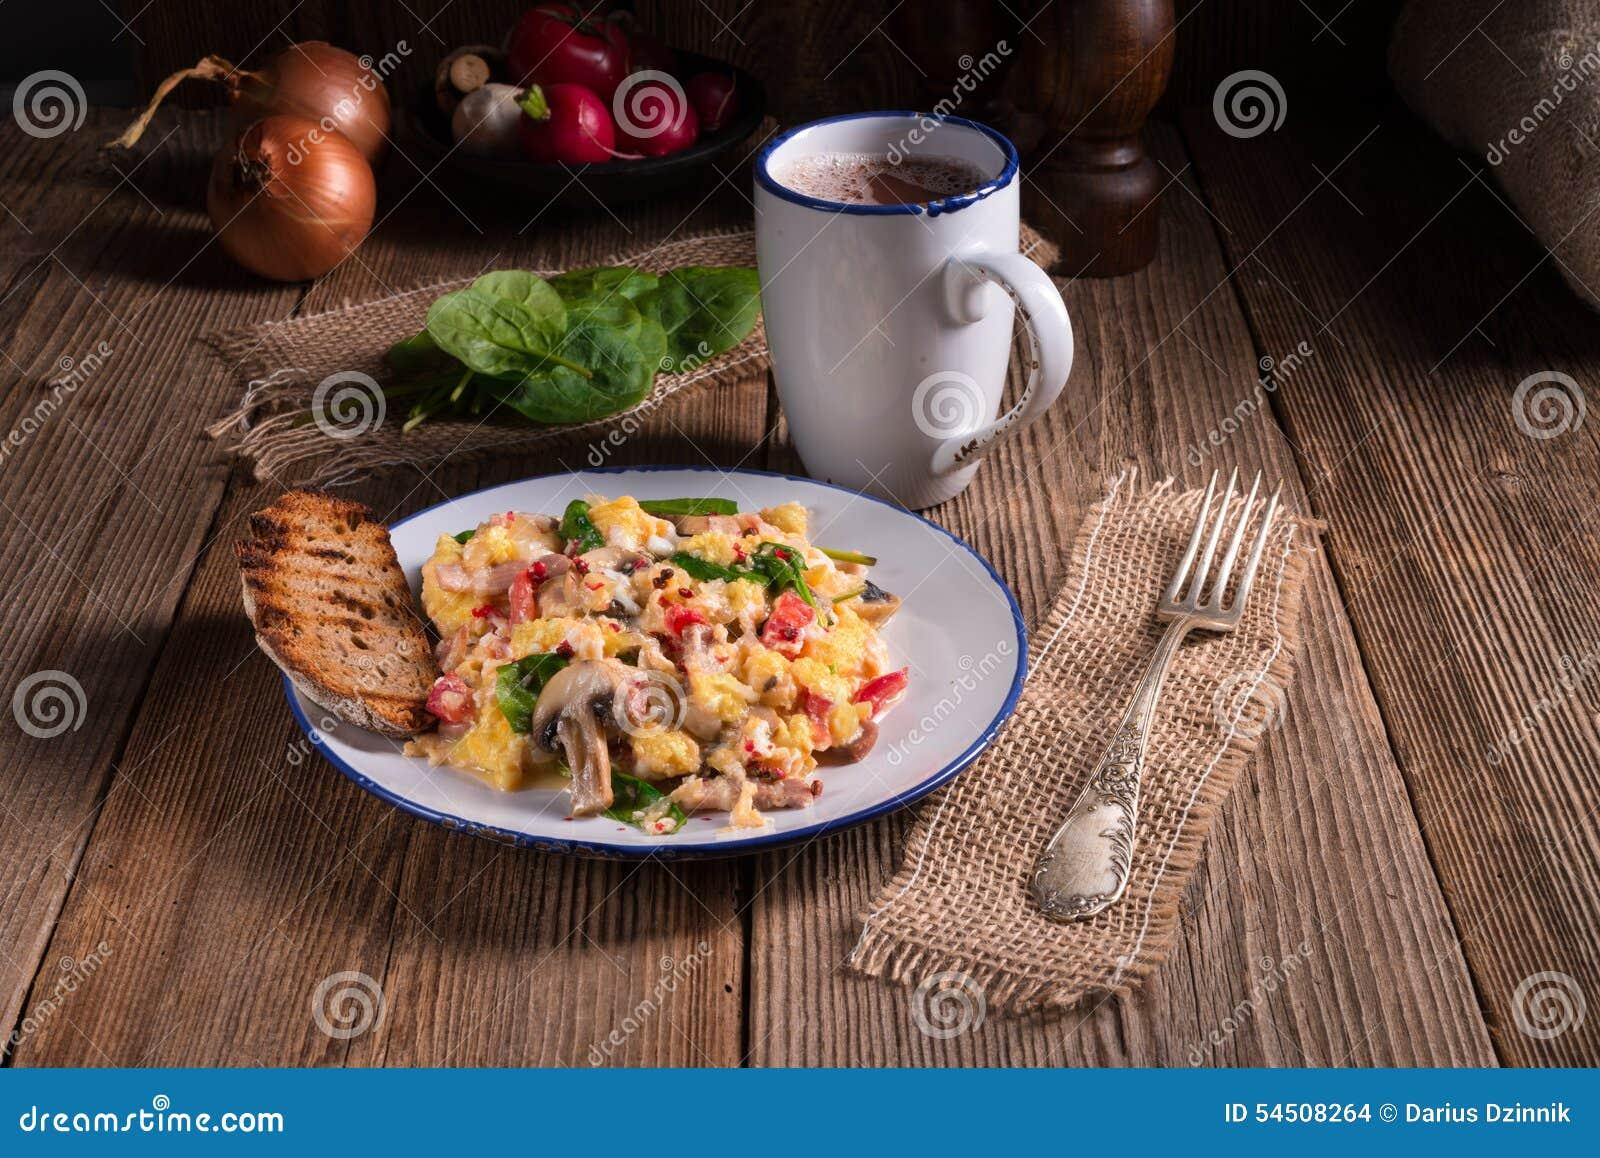 Oeufs brouillés avec des tomates et des épinards